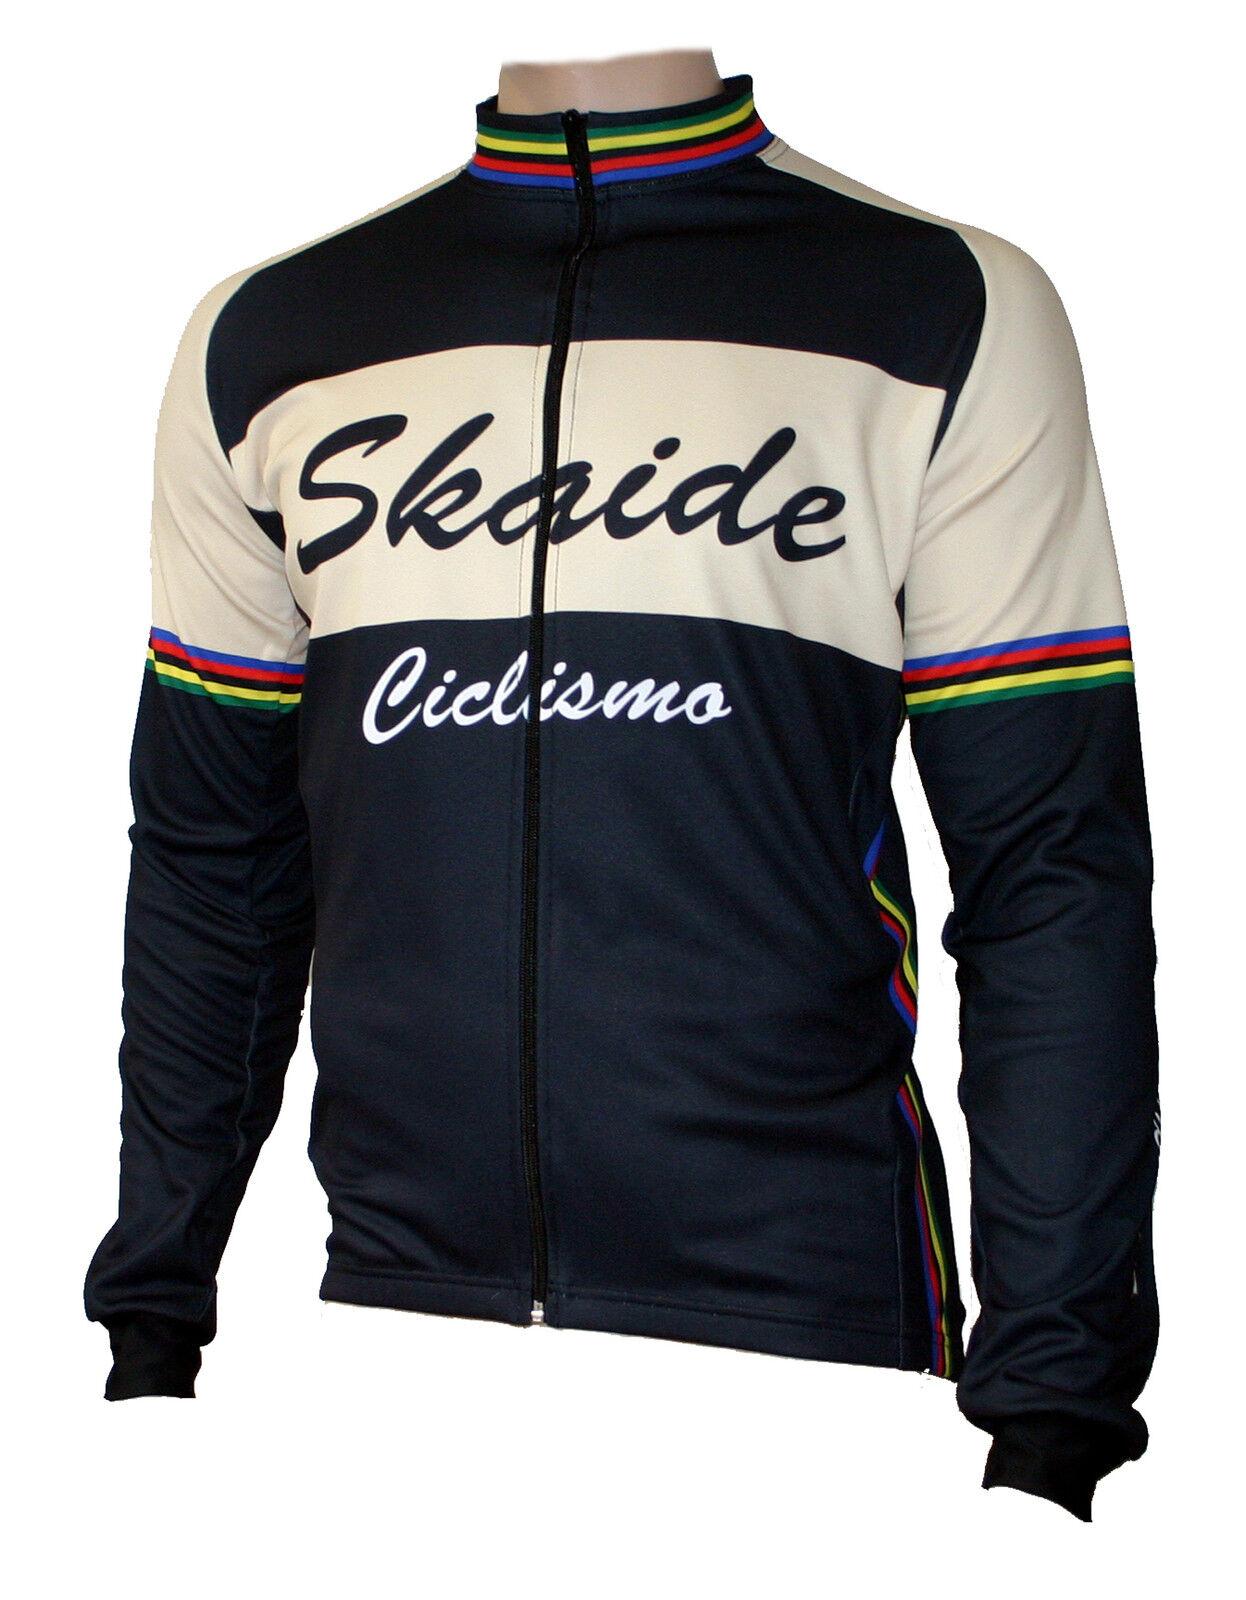 Radtrikot Skaide Ciclismo Retro schwarz creme langarm (auch Übergrößen bis 6XL)